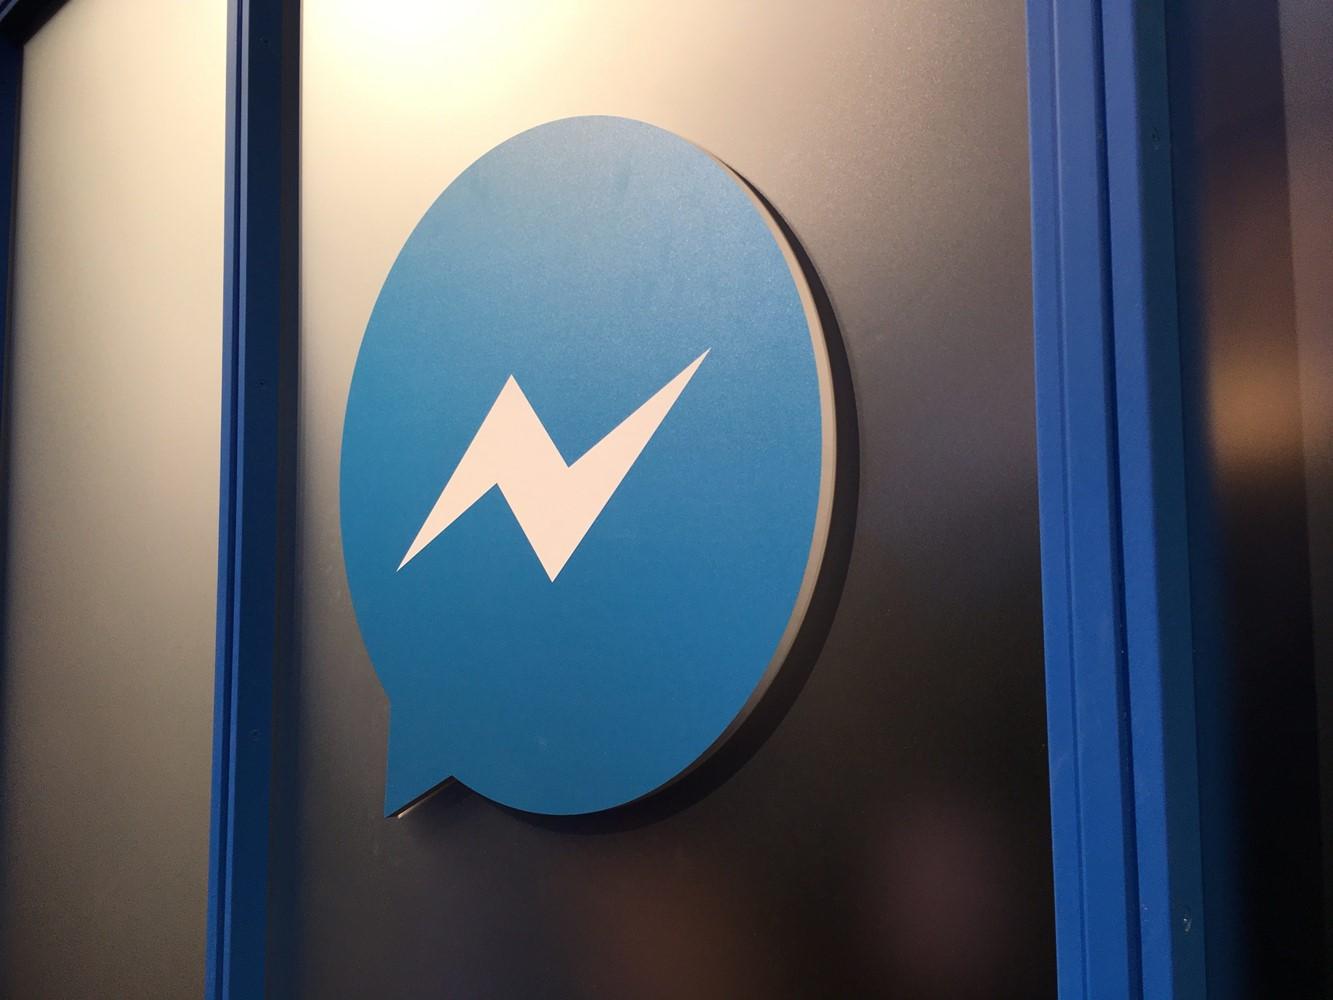 Popularidade das redes sociais em queda. Apps de mensagens estão a tomar-lhes o lugar